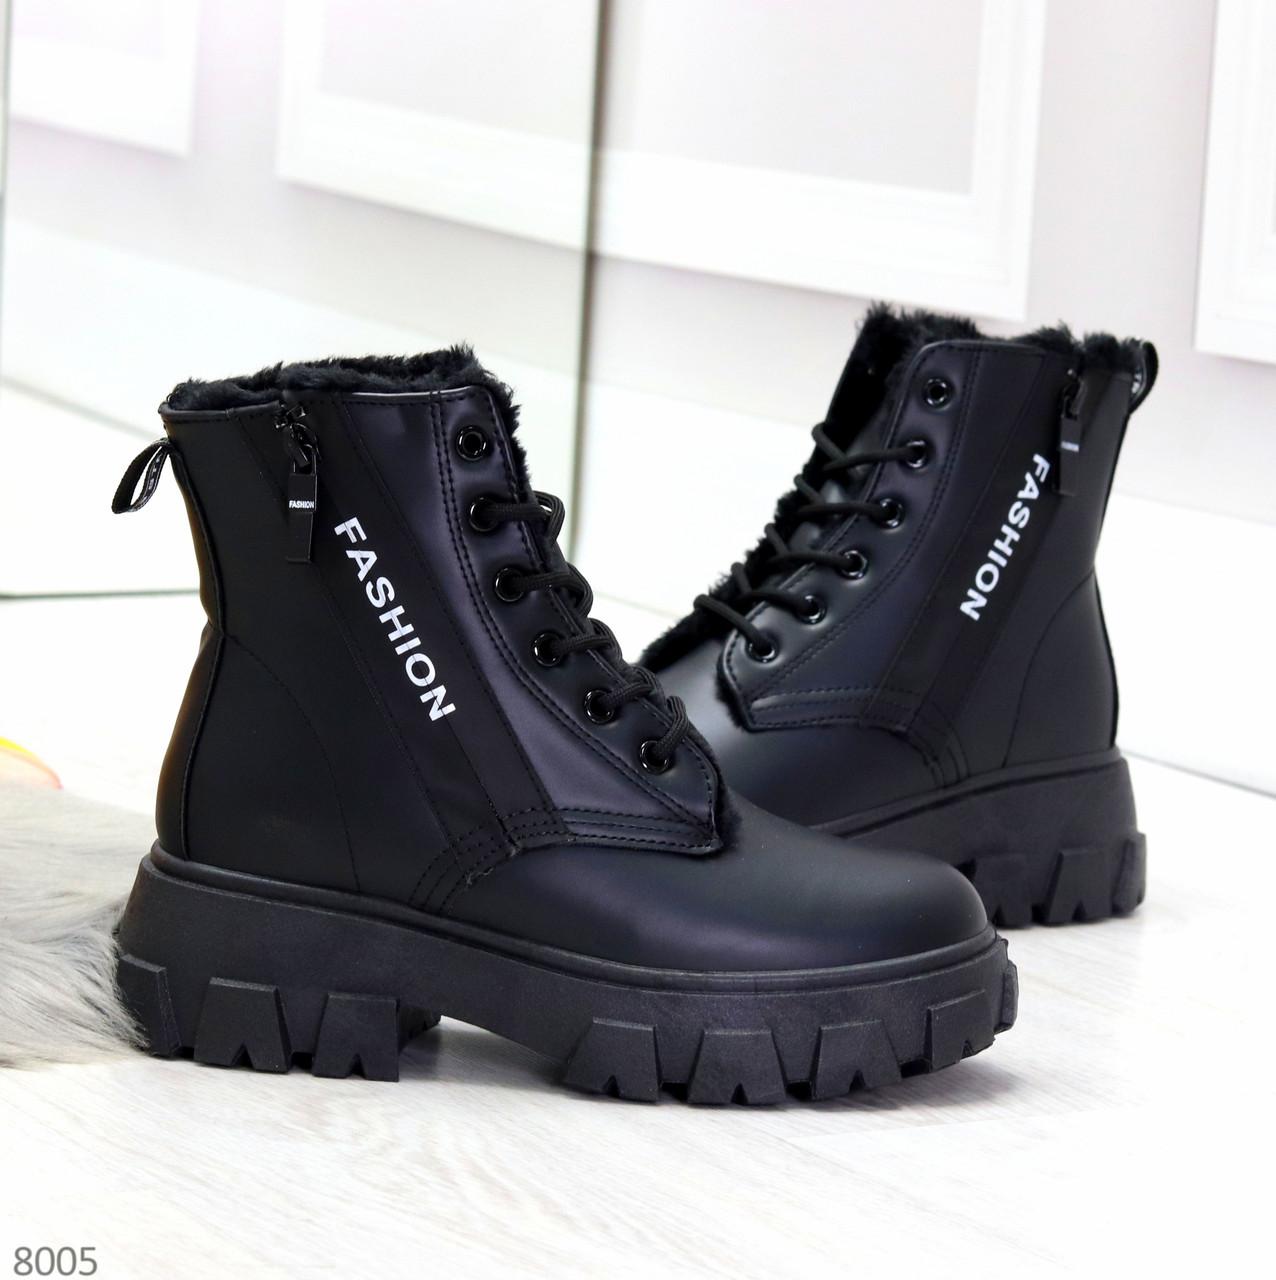 Комфортные черные зимние женские ботинки по доступной цене